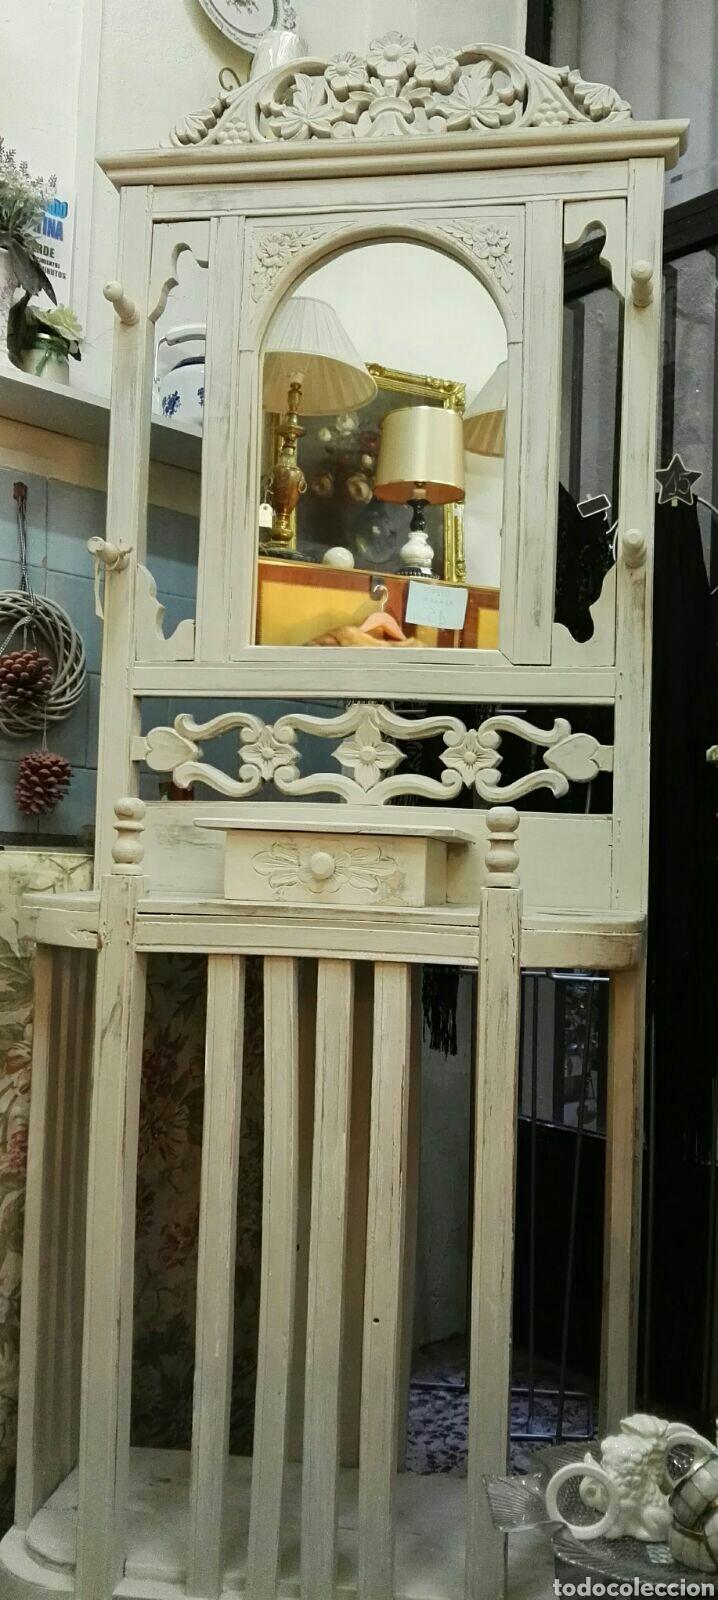 Muebles de recibidor vintage fabulous free mueble vintage - Muebles recibidor vintage ...